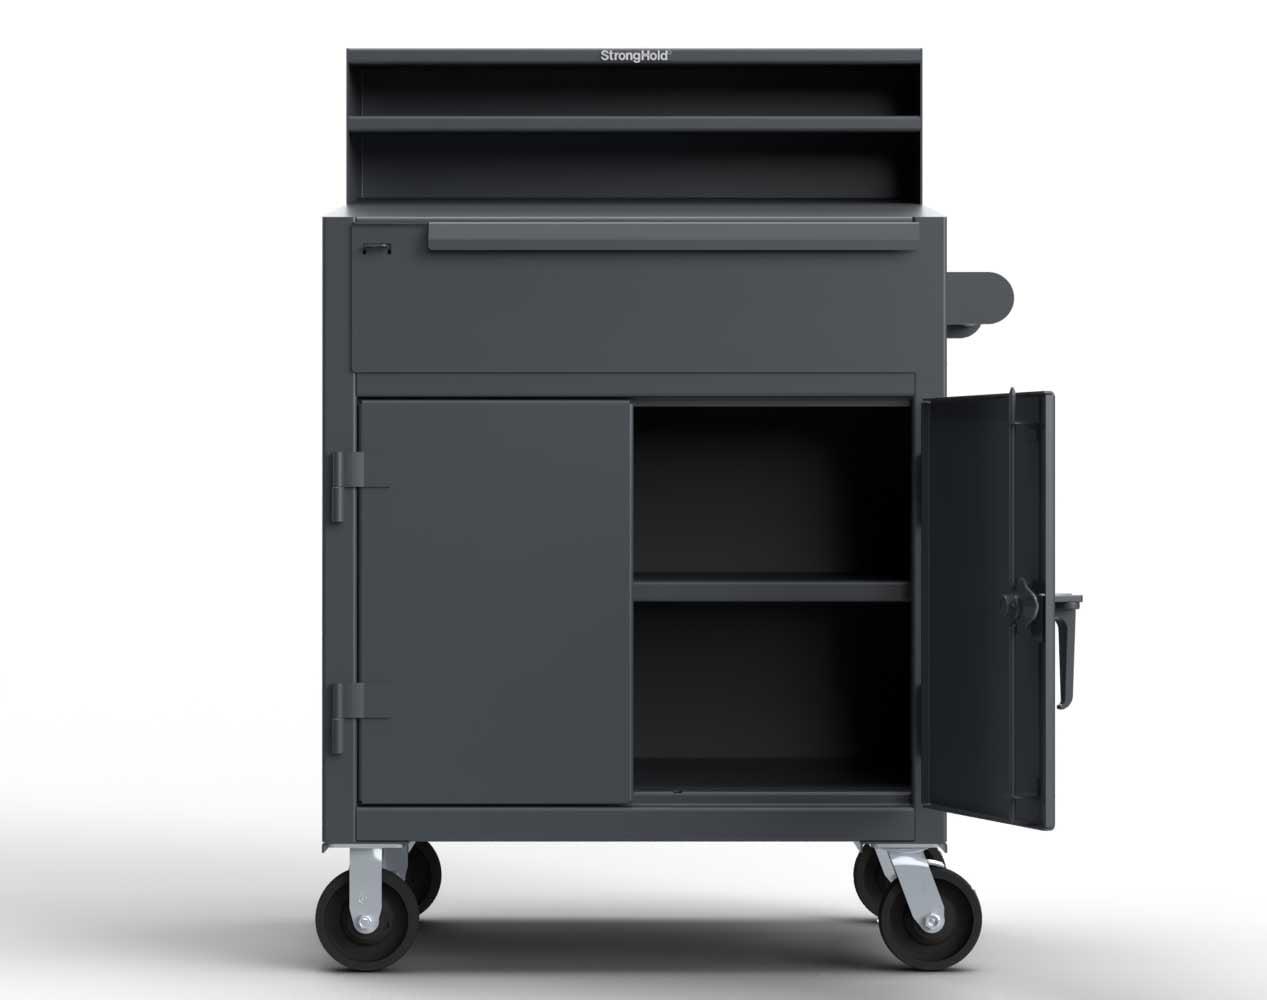 Extra Heavy Duty 12 GA Mobile Shop Desk 1 Drawer, 1 Shelf, Riser Shelf – 36 In. W x 28 In. D x 54 In. H